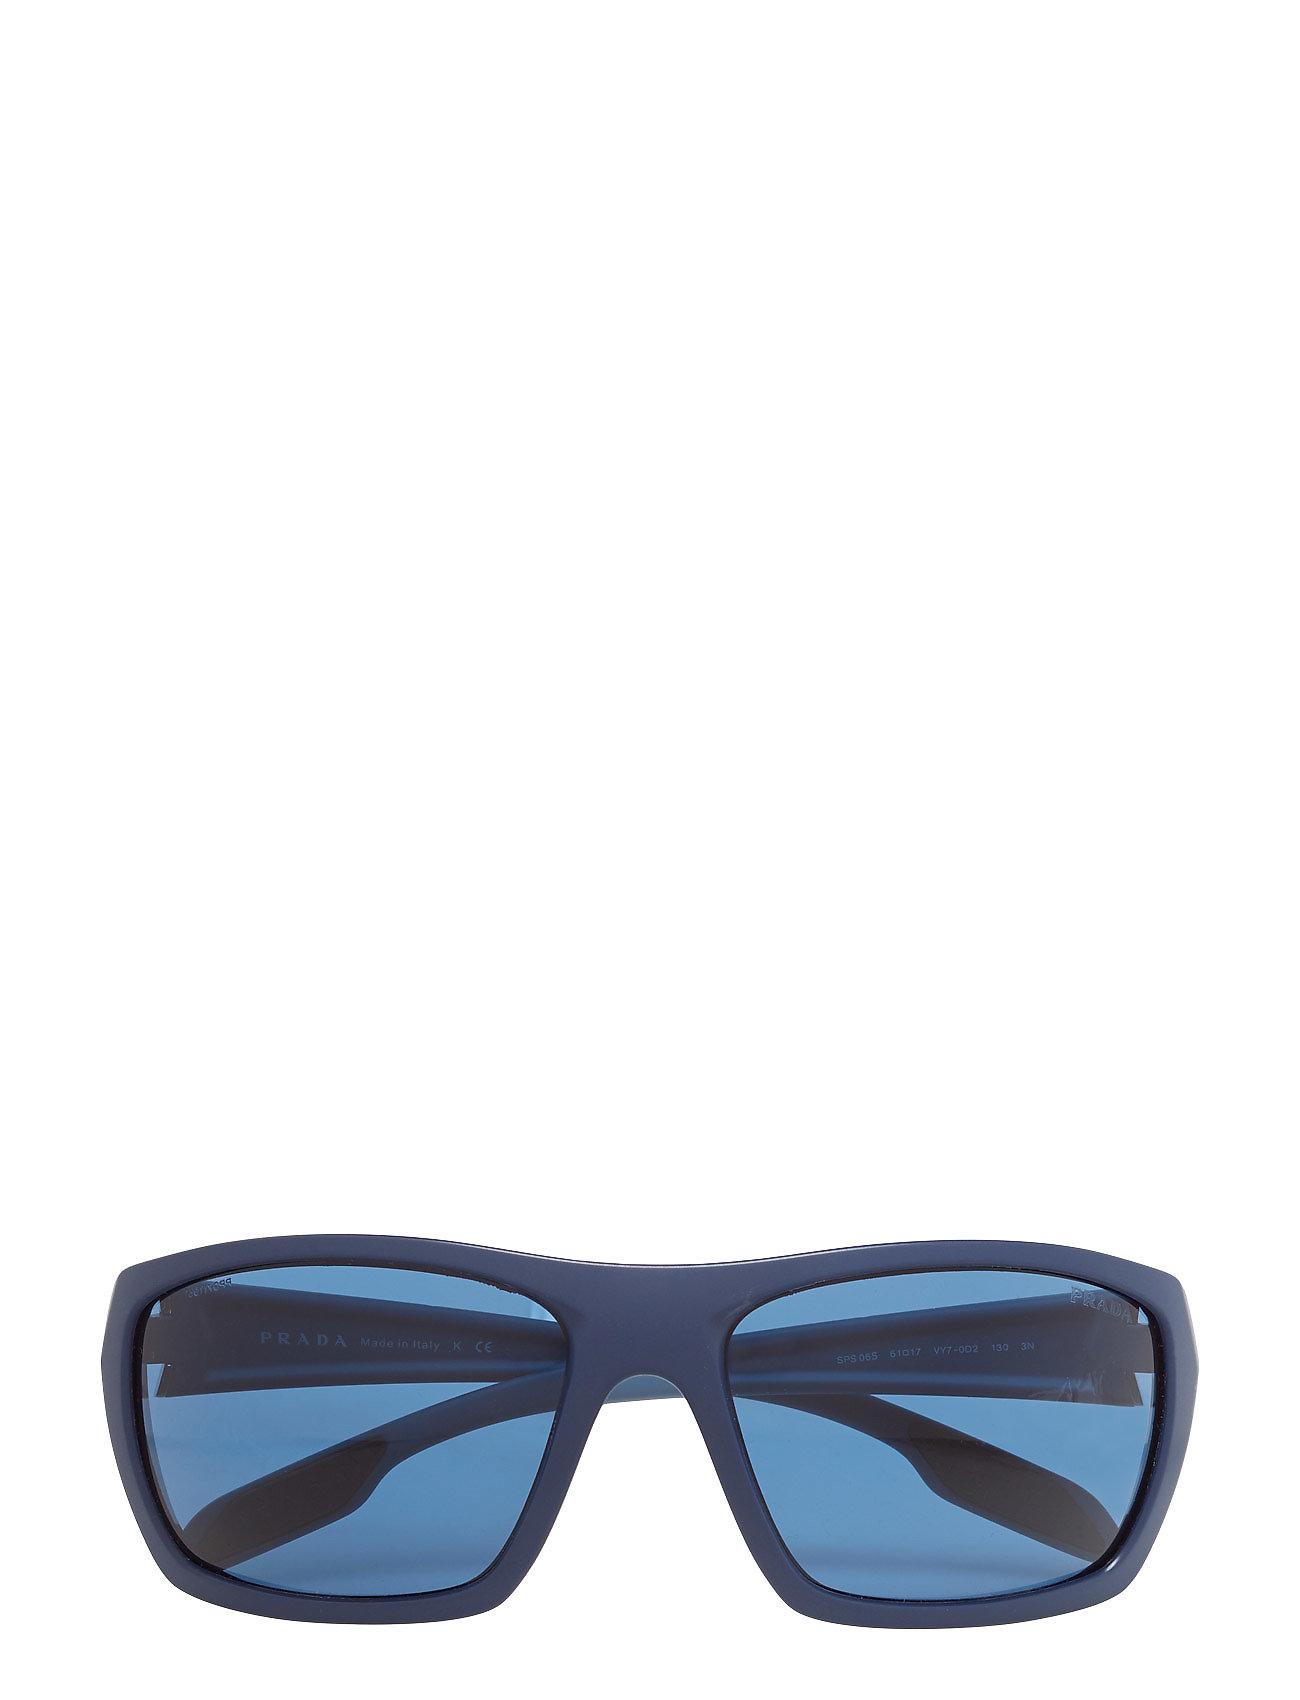 0e564aaad878 Not Defined Prada Sport Sunglasses Solbriller til Herrer i ...